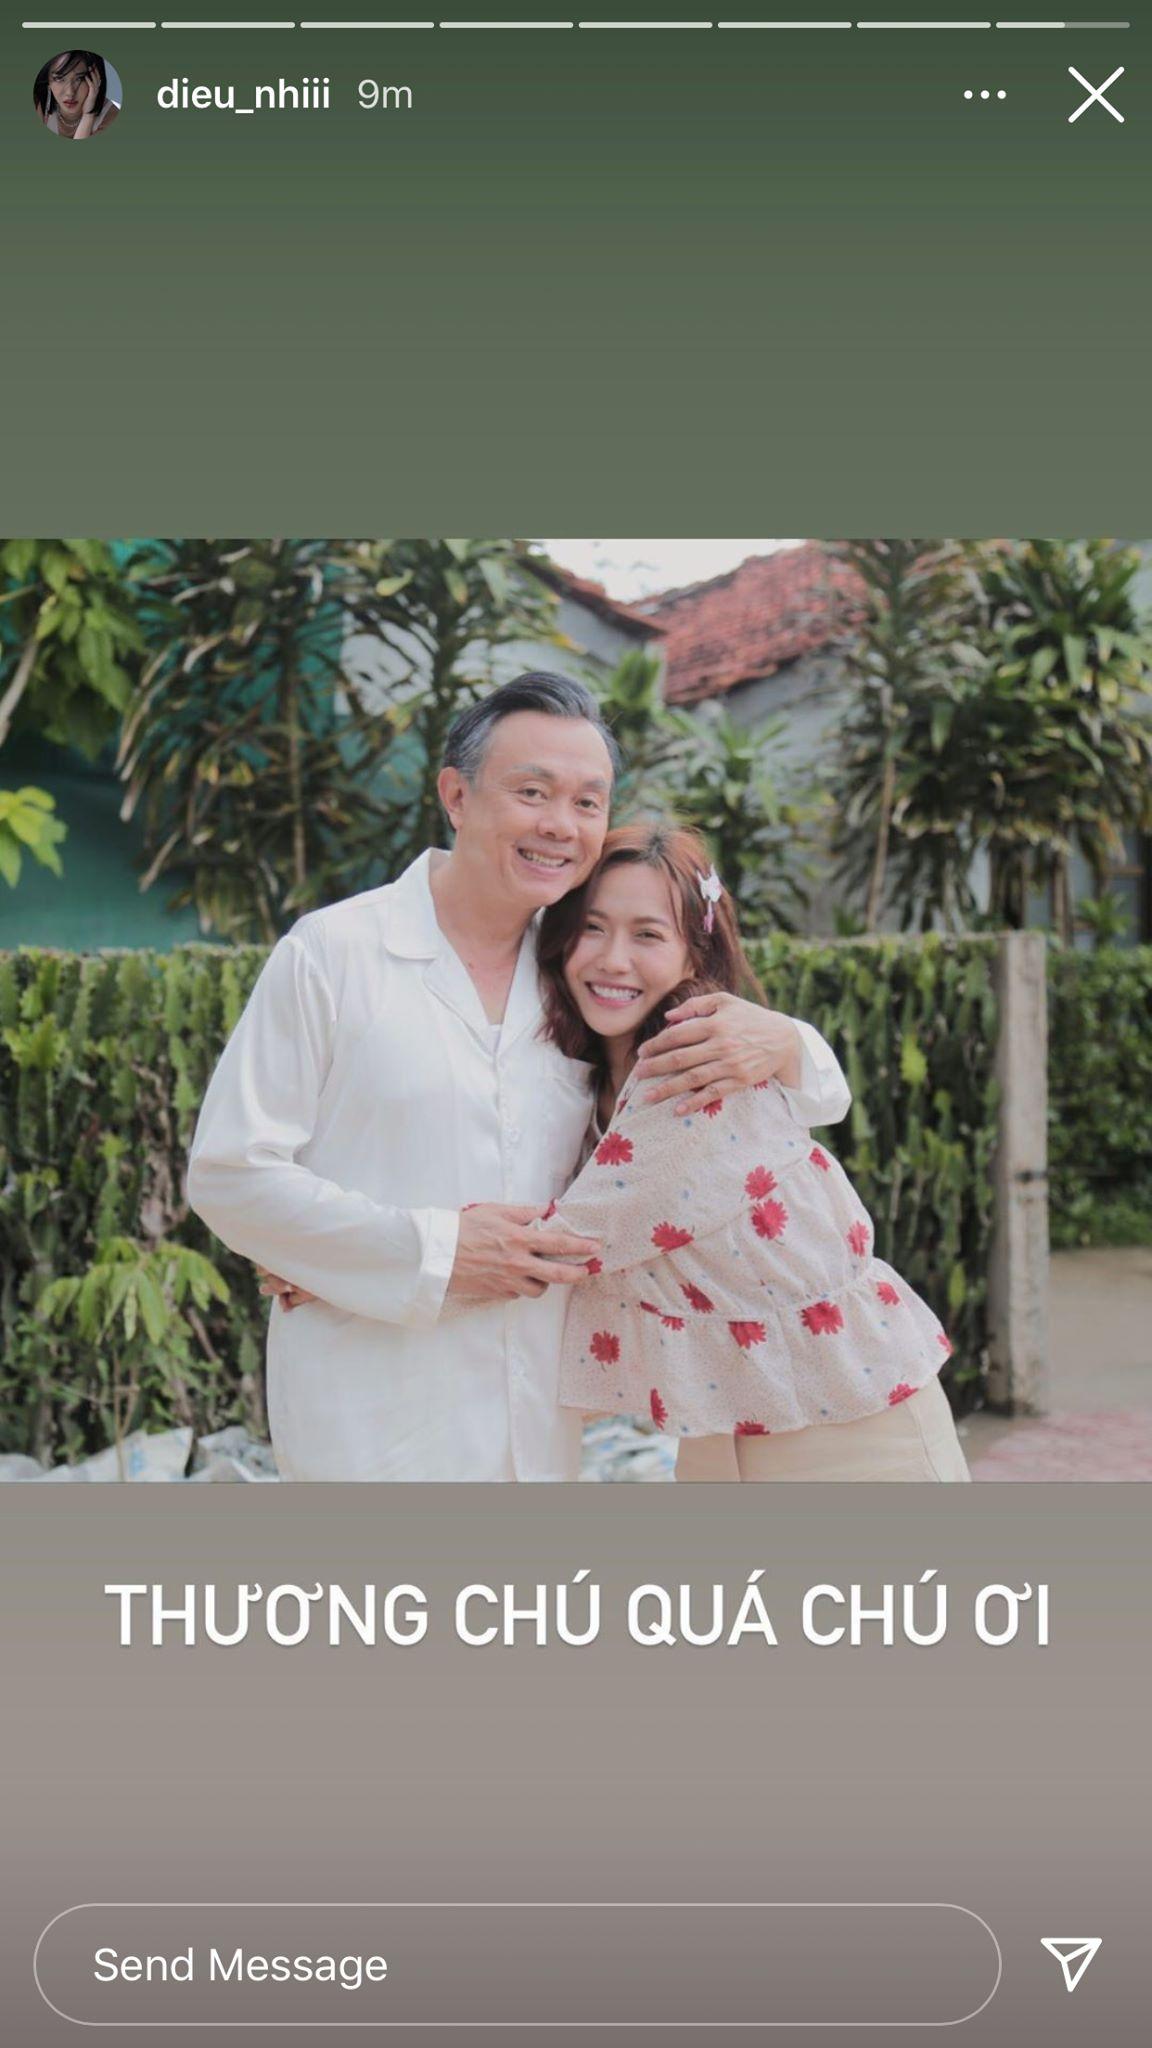 Cả showbiz Việt bàng hoàng khi hay tin NS Chí Tài qua đời: Đông Nhi lặng người, Ngô Kiến Huy, Noo Phước Thịnh đau buồn gửi lời tiễn biệt - Ảnh 5.